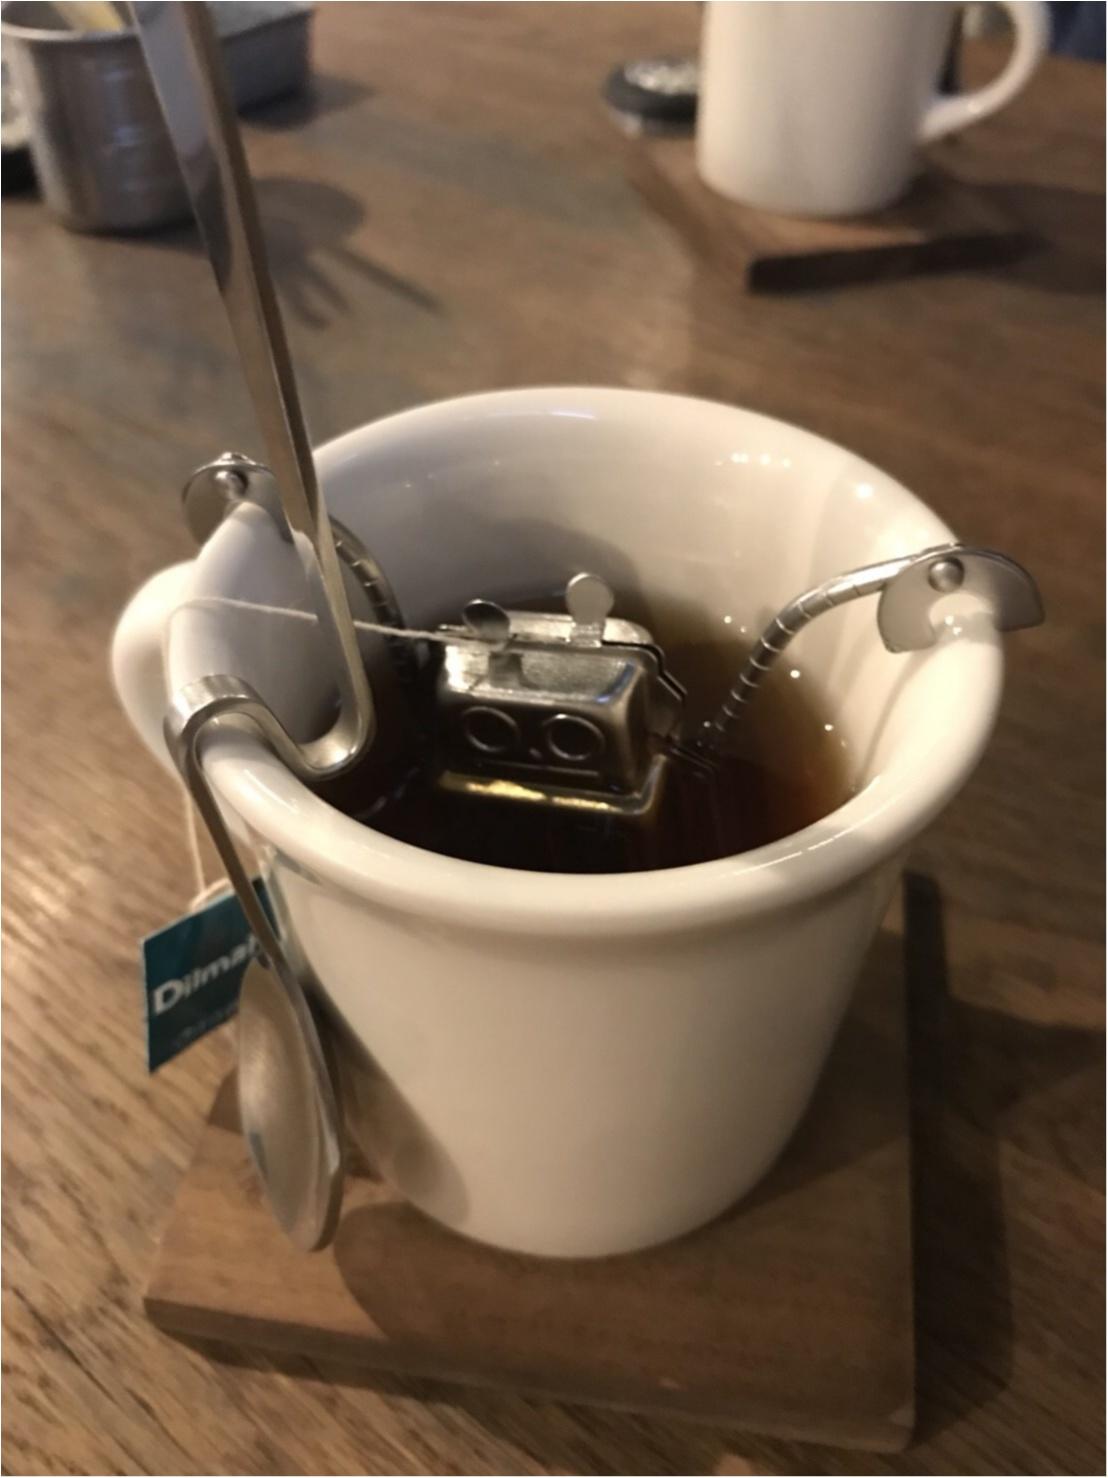 【Cafe】浜松カフェ巡り② 倉庫をリノベーションしたおしゃれカフェ♡ 広い空間でゆったりとコーヒータイム♡_3